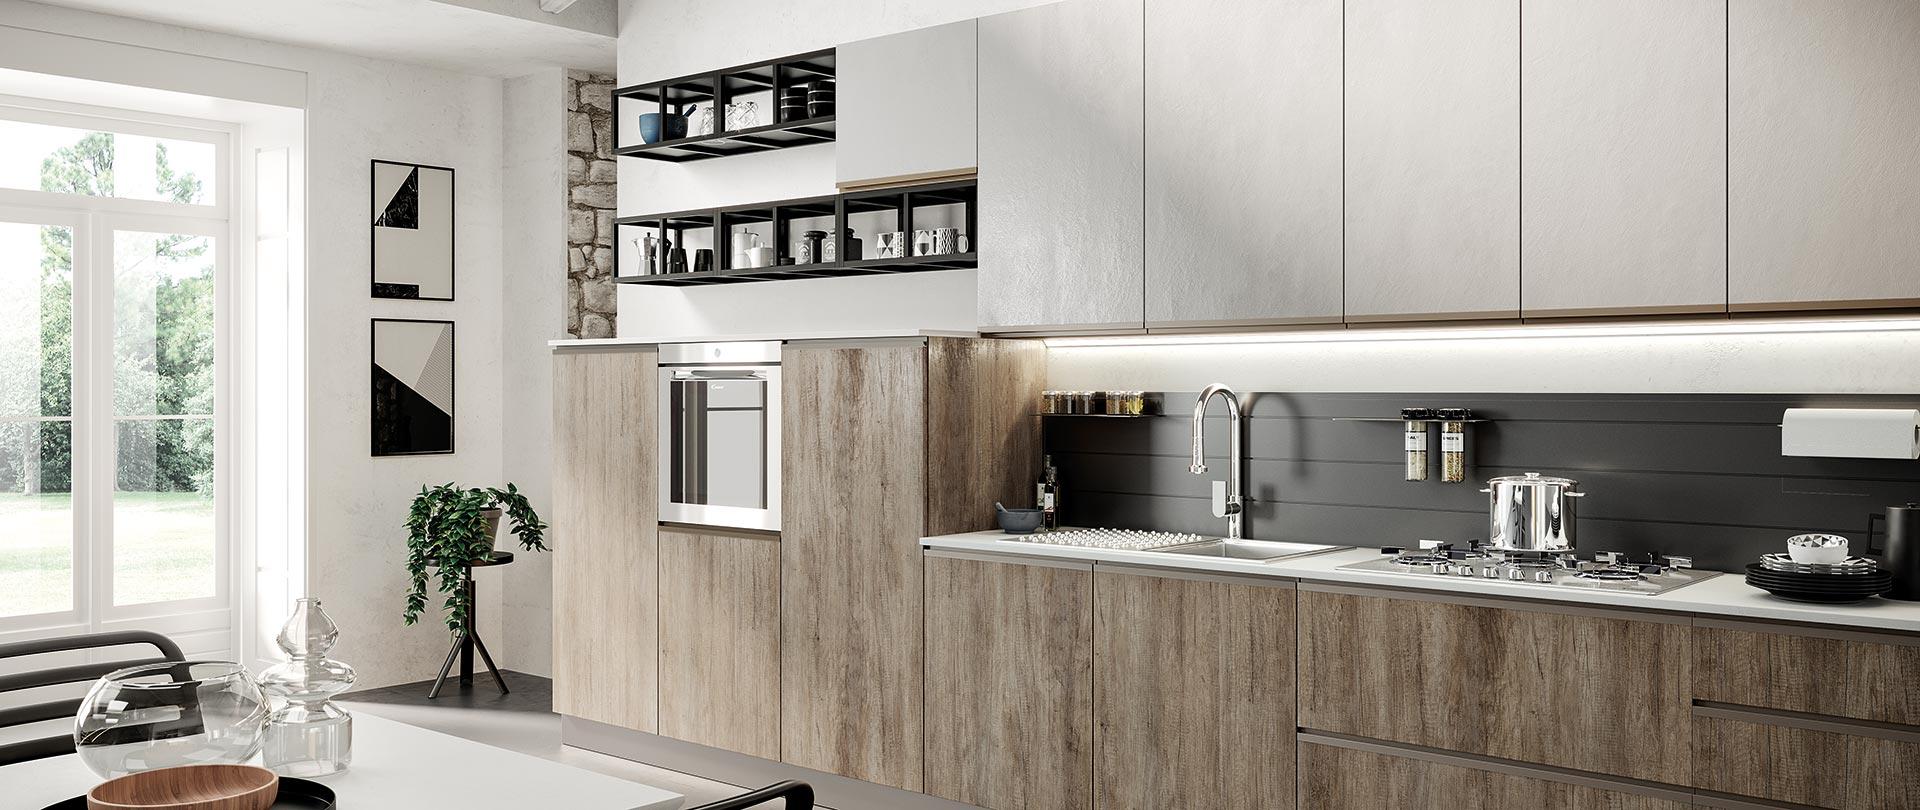 Cucina con maniglia integrata, MAIA, un modello accessibile a tutti.